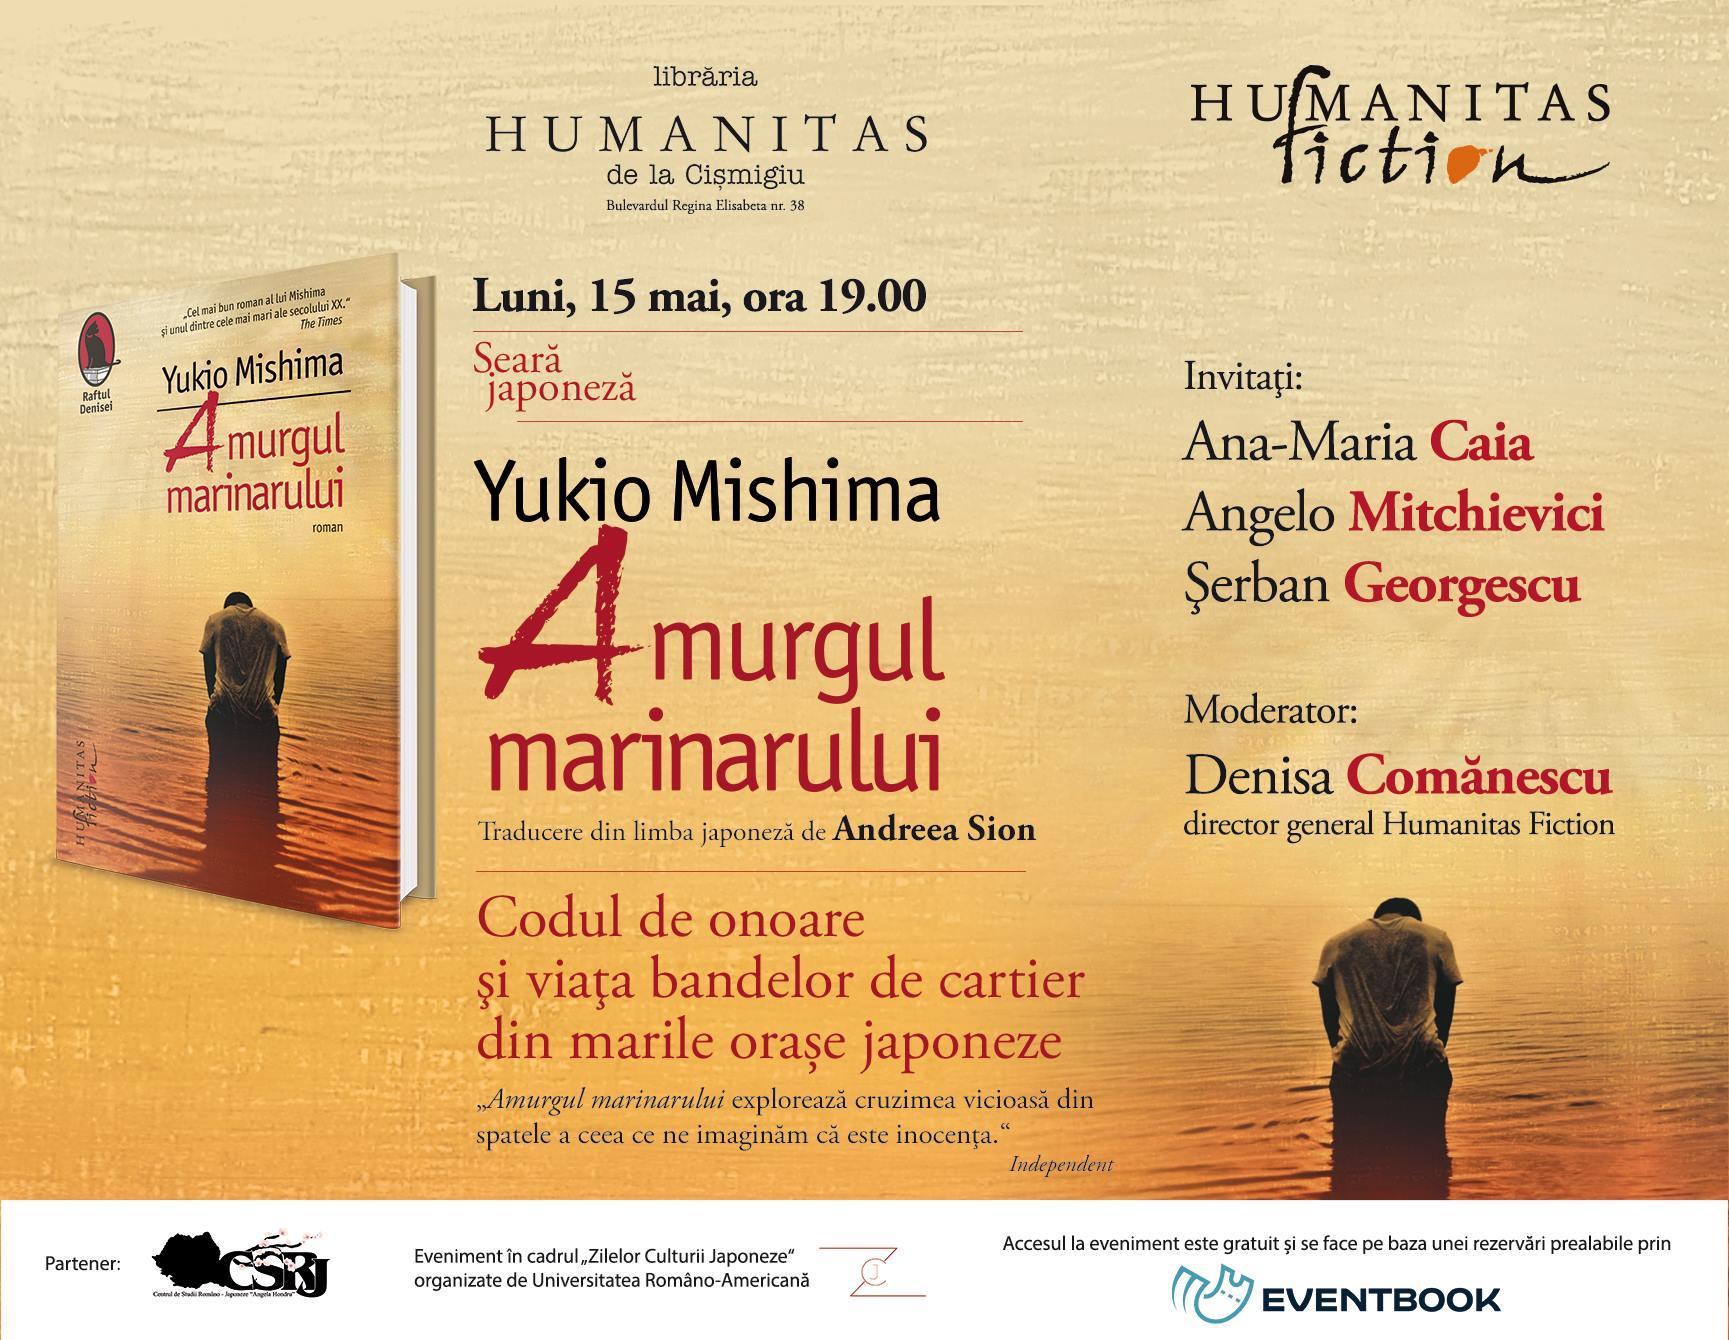 """Seară japoneză Yukio Mishima, """"Amurgul marinarului"""""""